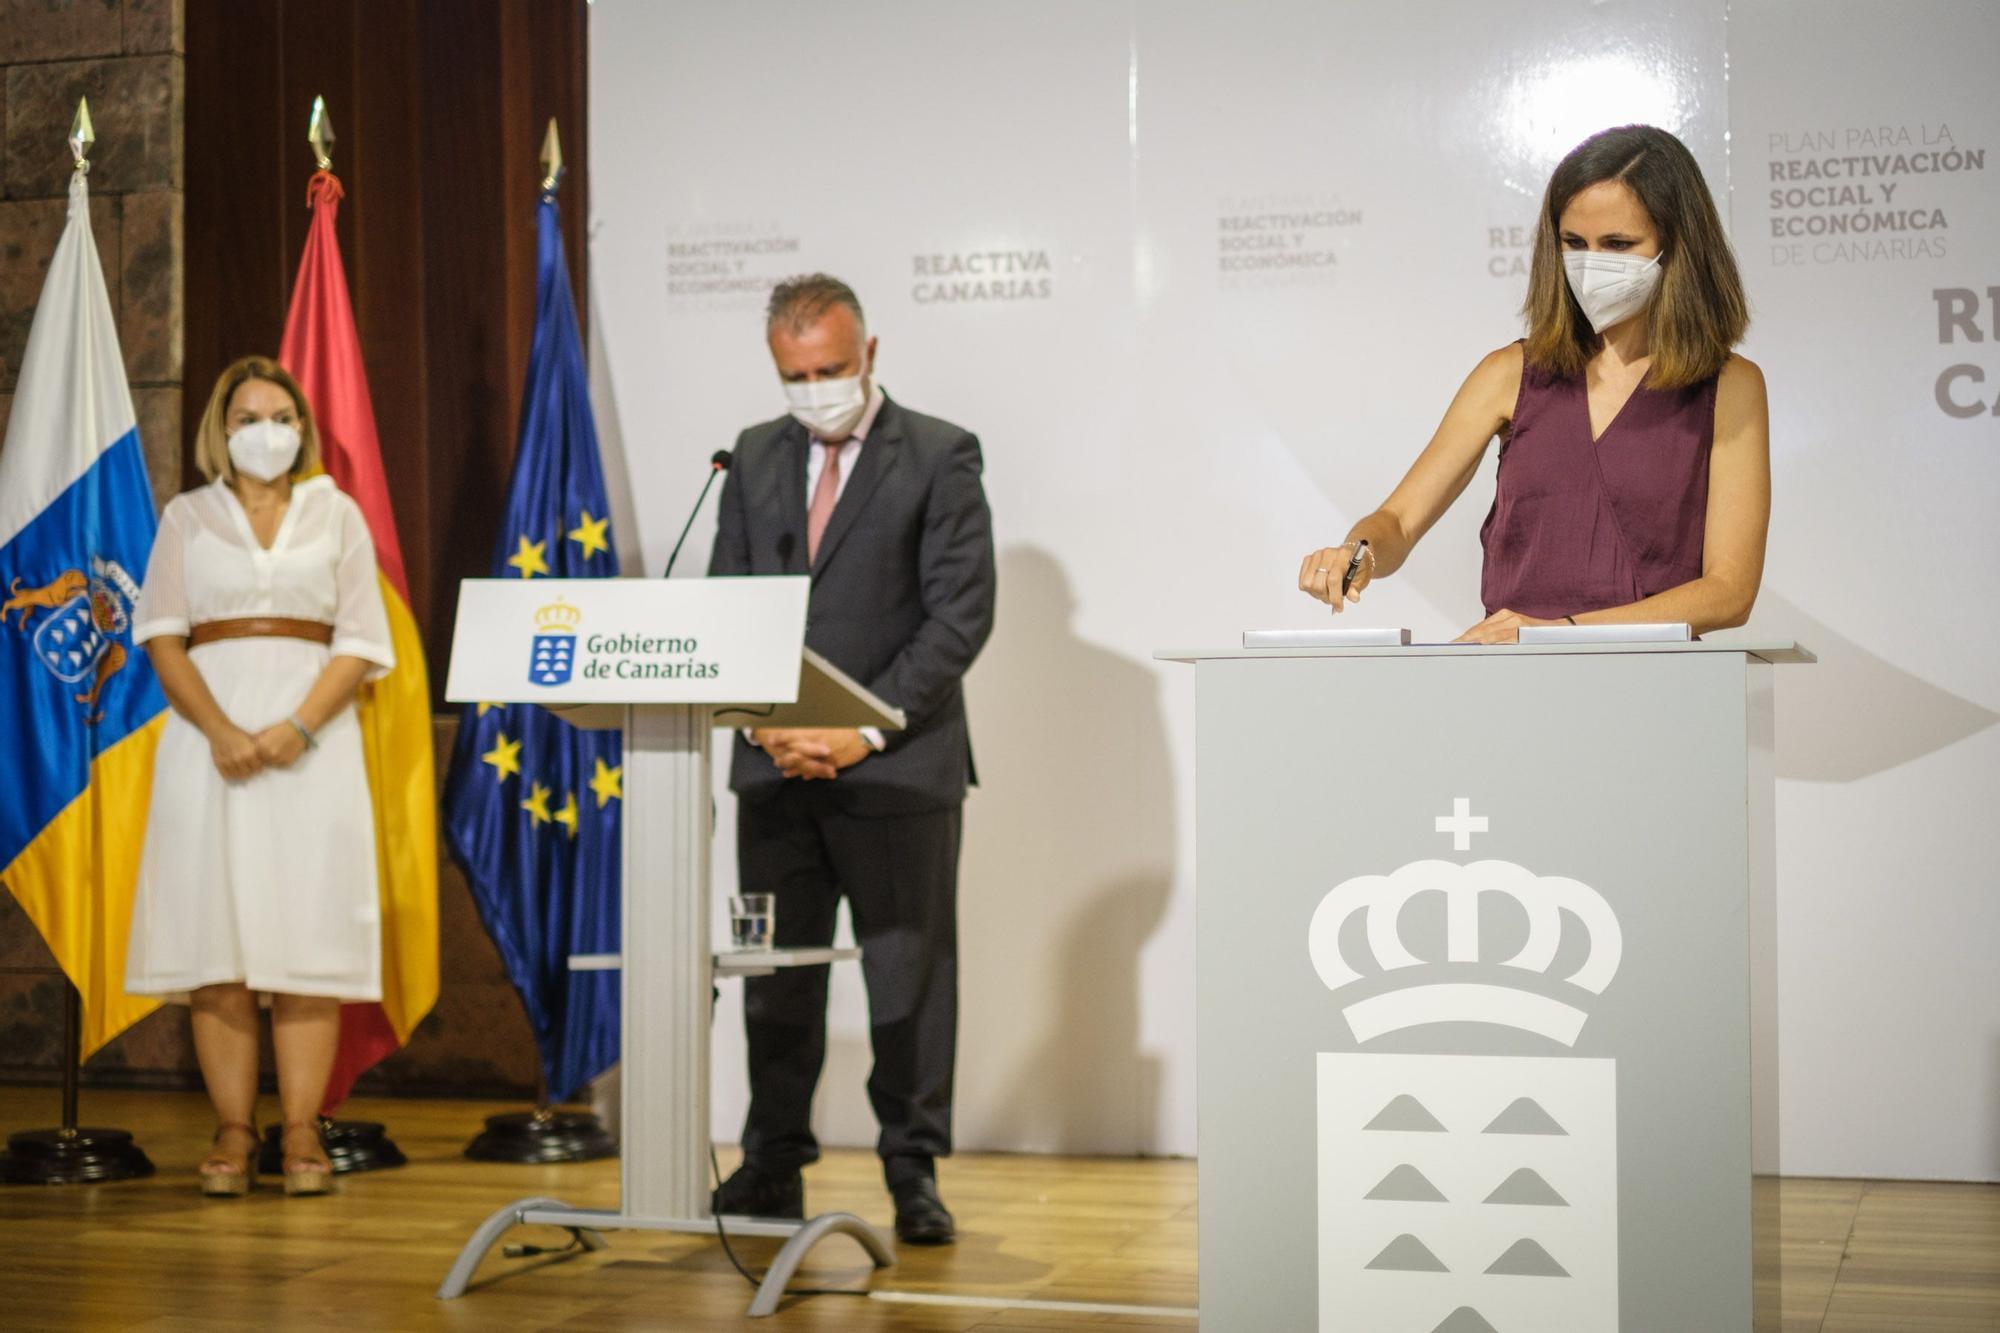 El presidente de Canarias, Ángel Víctor Torres,y la ministra de Derechos Sociales y Agenda 2030, Ione Belarra, firman el convenio